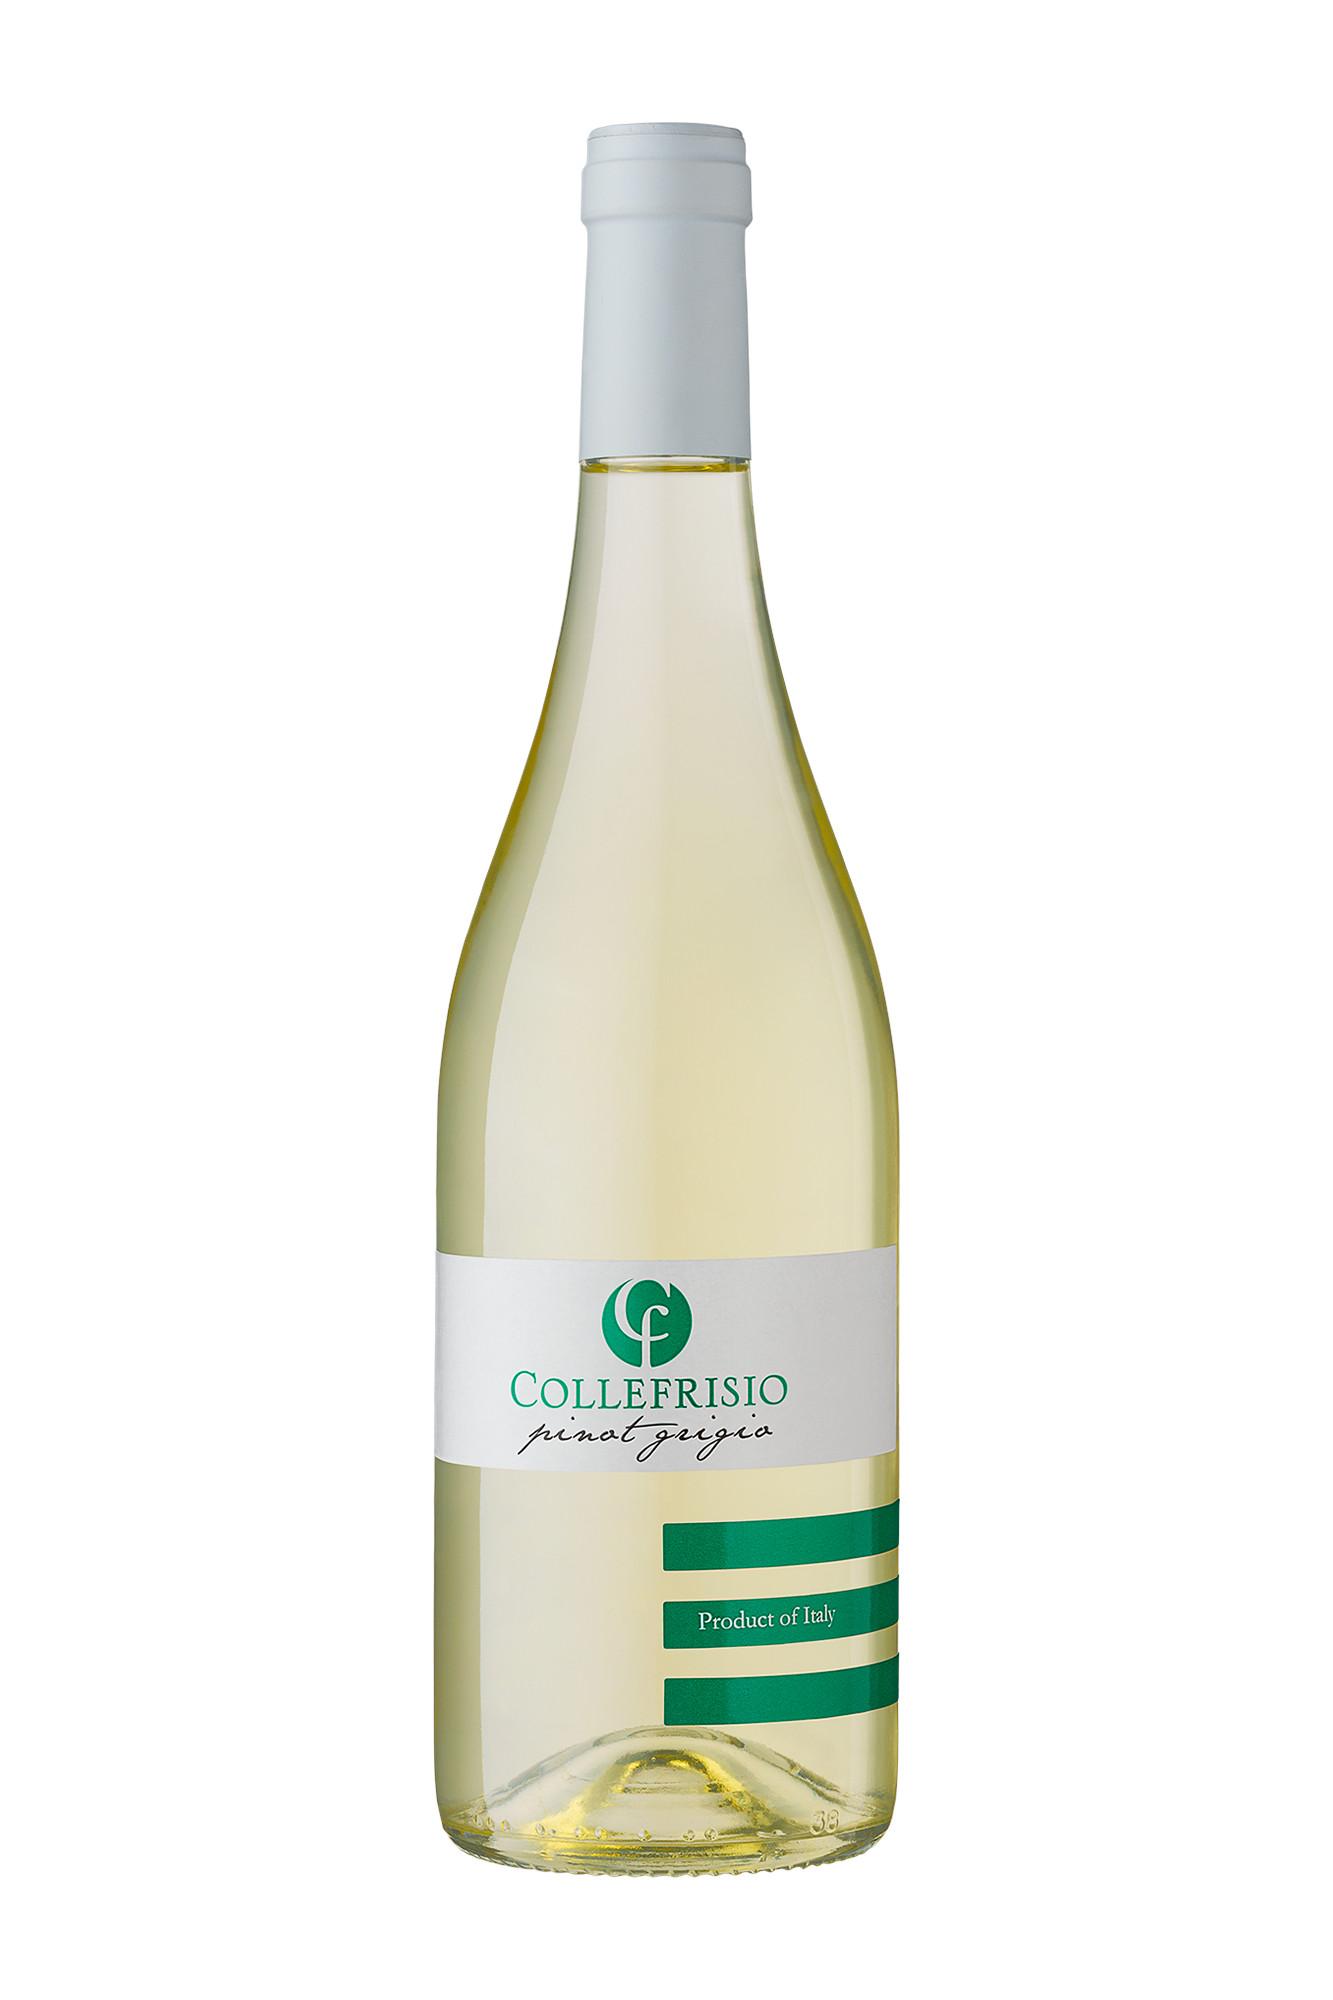 collefrisio-vini-bianco-filarè-pinot-grigio-terre-di-chieti-igt-bottiglia